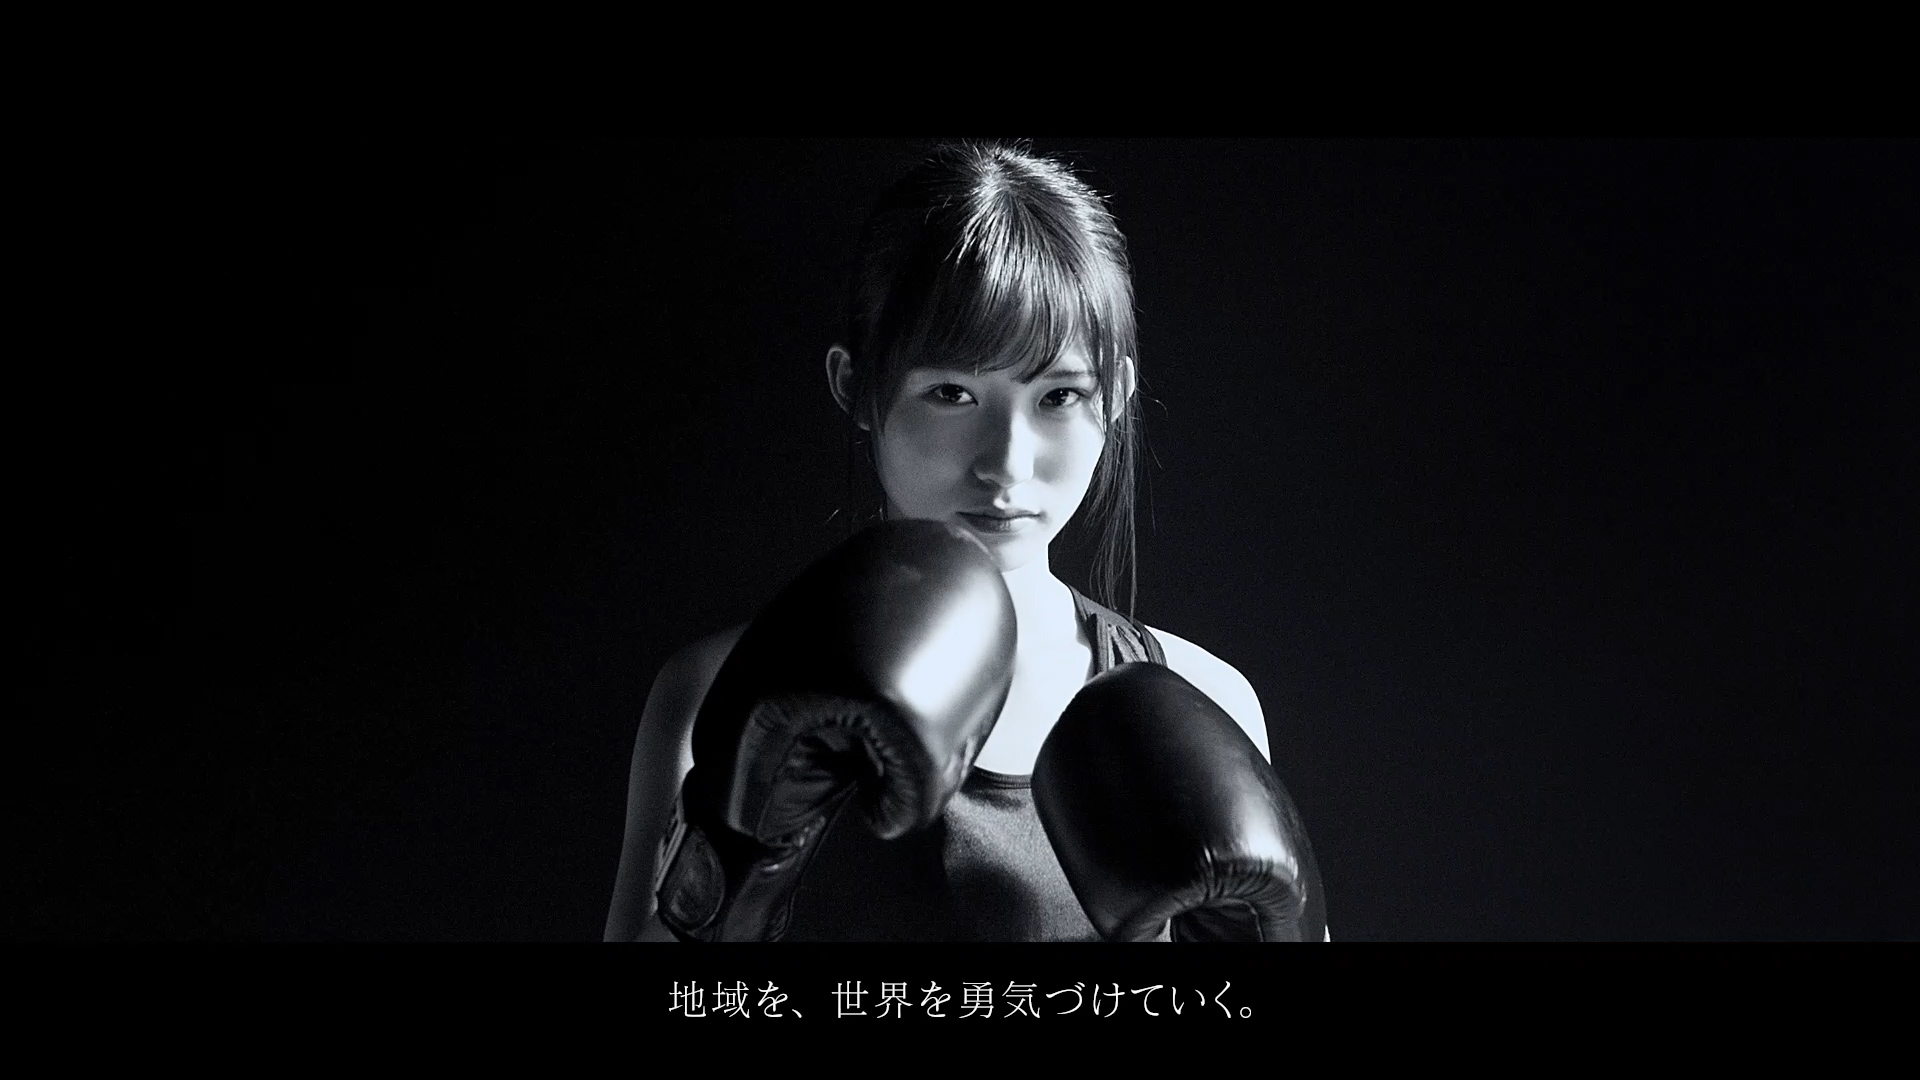 乃木坂46 掛橋沙耶香が初CM こんな姿は見たことがない!ワイルドすぎるぜ…